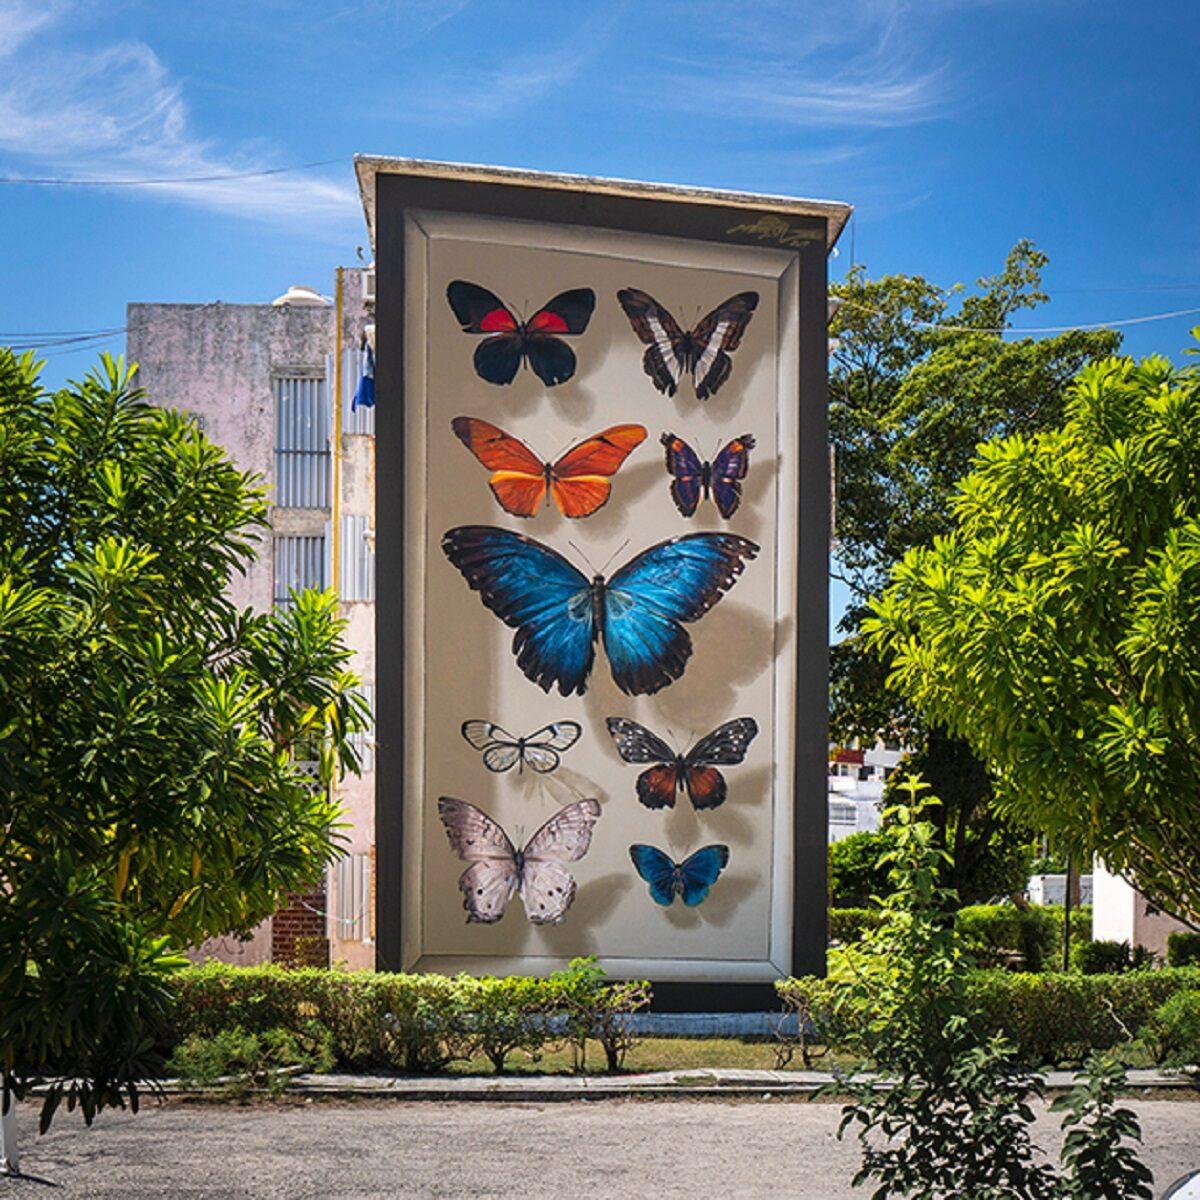 Mantra artista desenha borboletas em paredes de diversas cidades pelo mundo 10